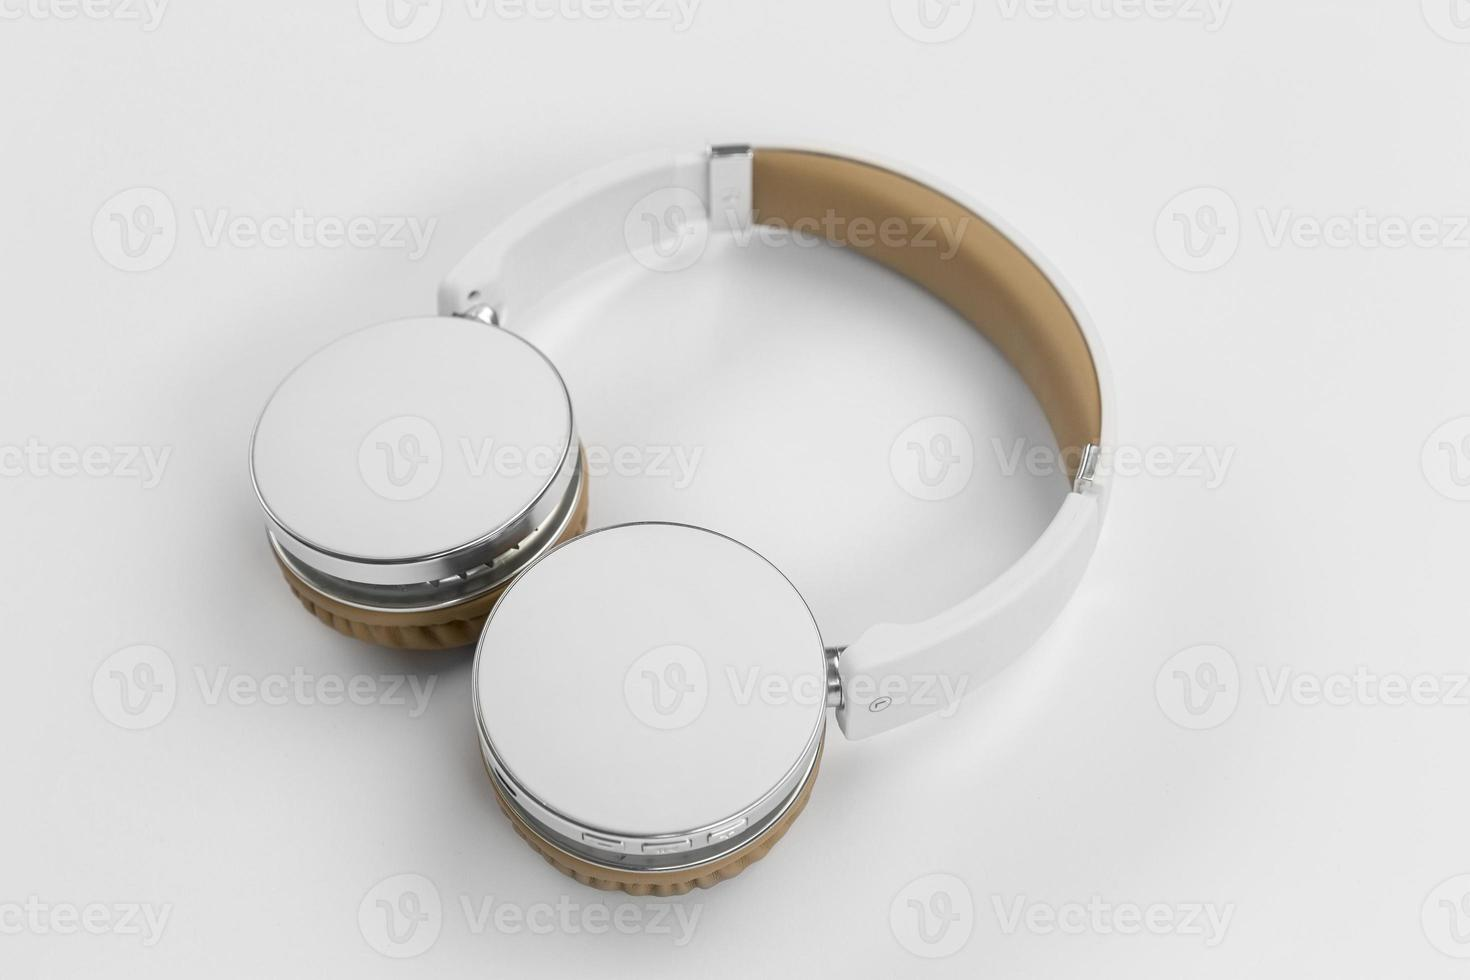 högvinkel hörlurar på vit bakgrund foto